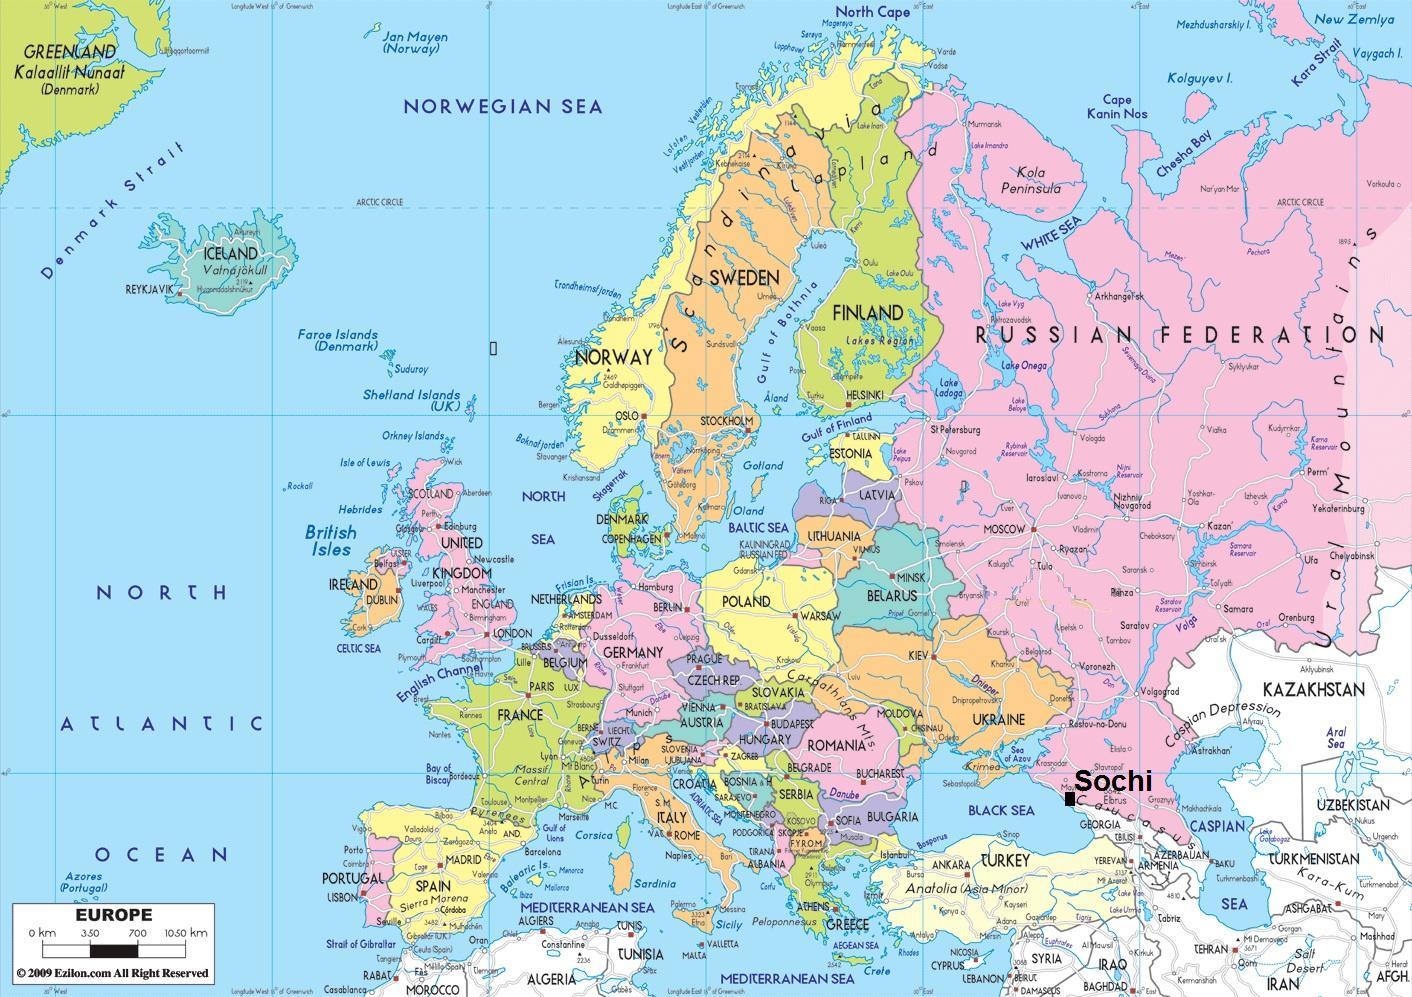 Karta Lander I Europa.Lander Nara Ryssland Karta Karta Over Lander I Narheten Av